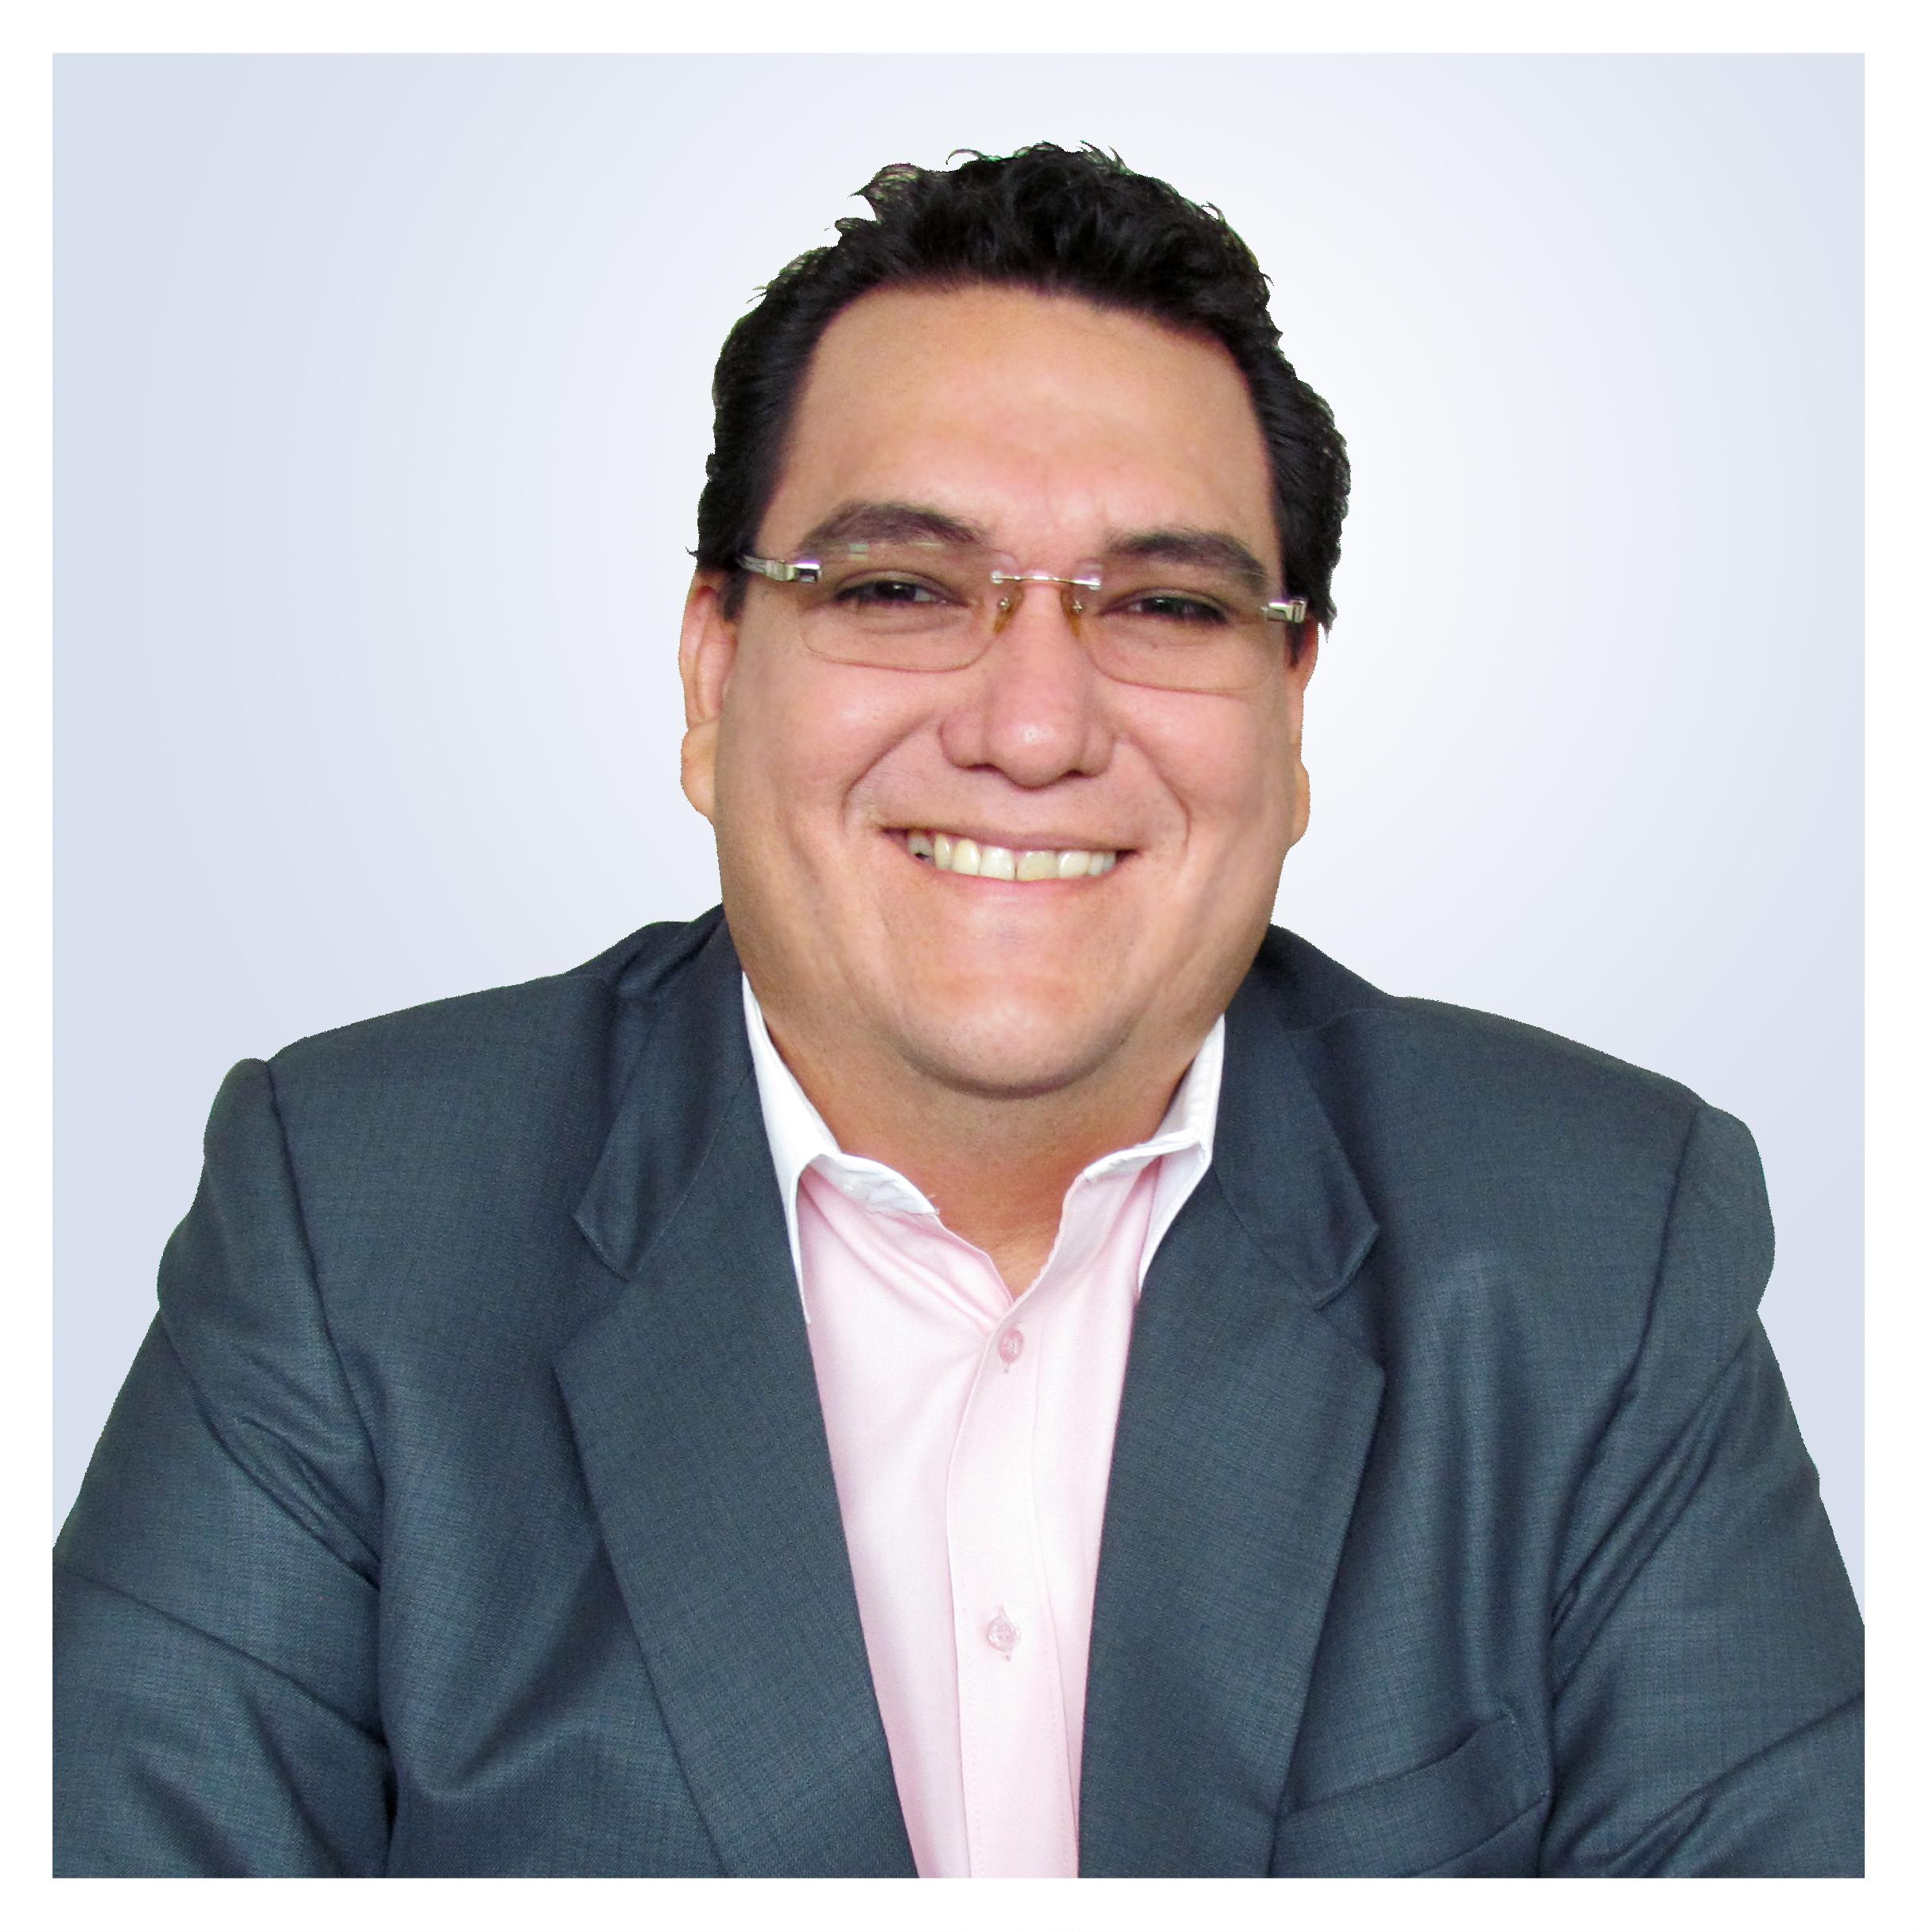 Rubén Calderón